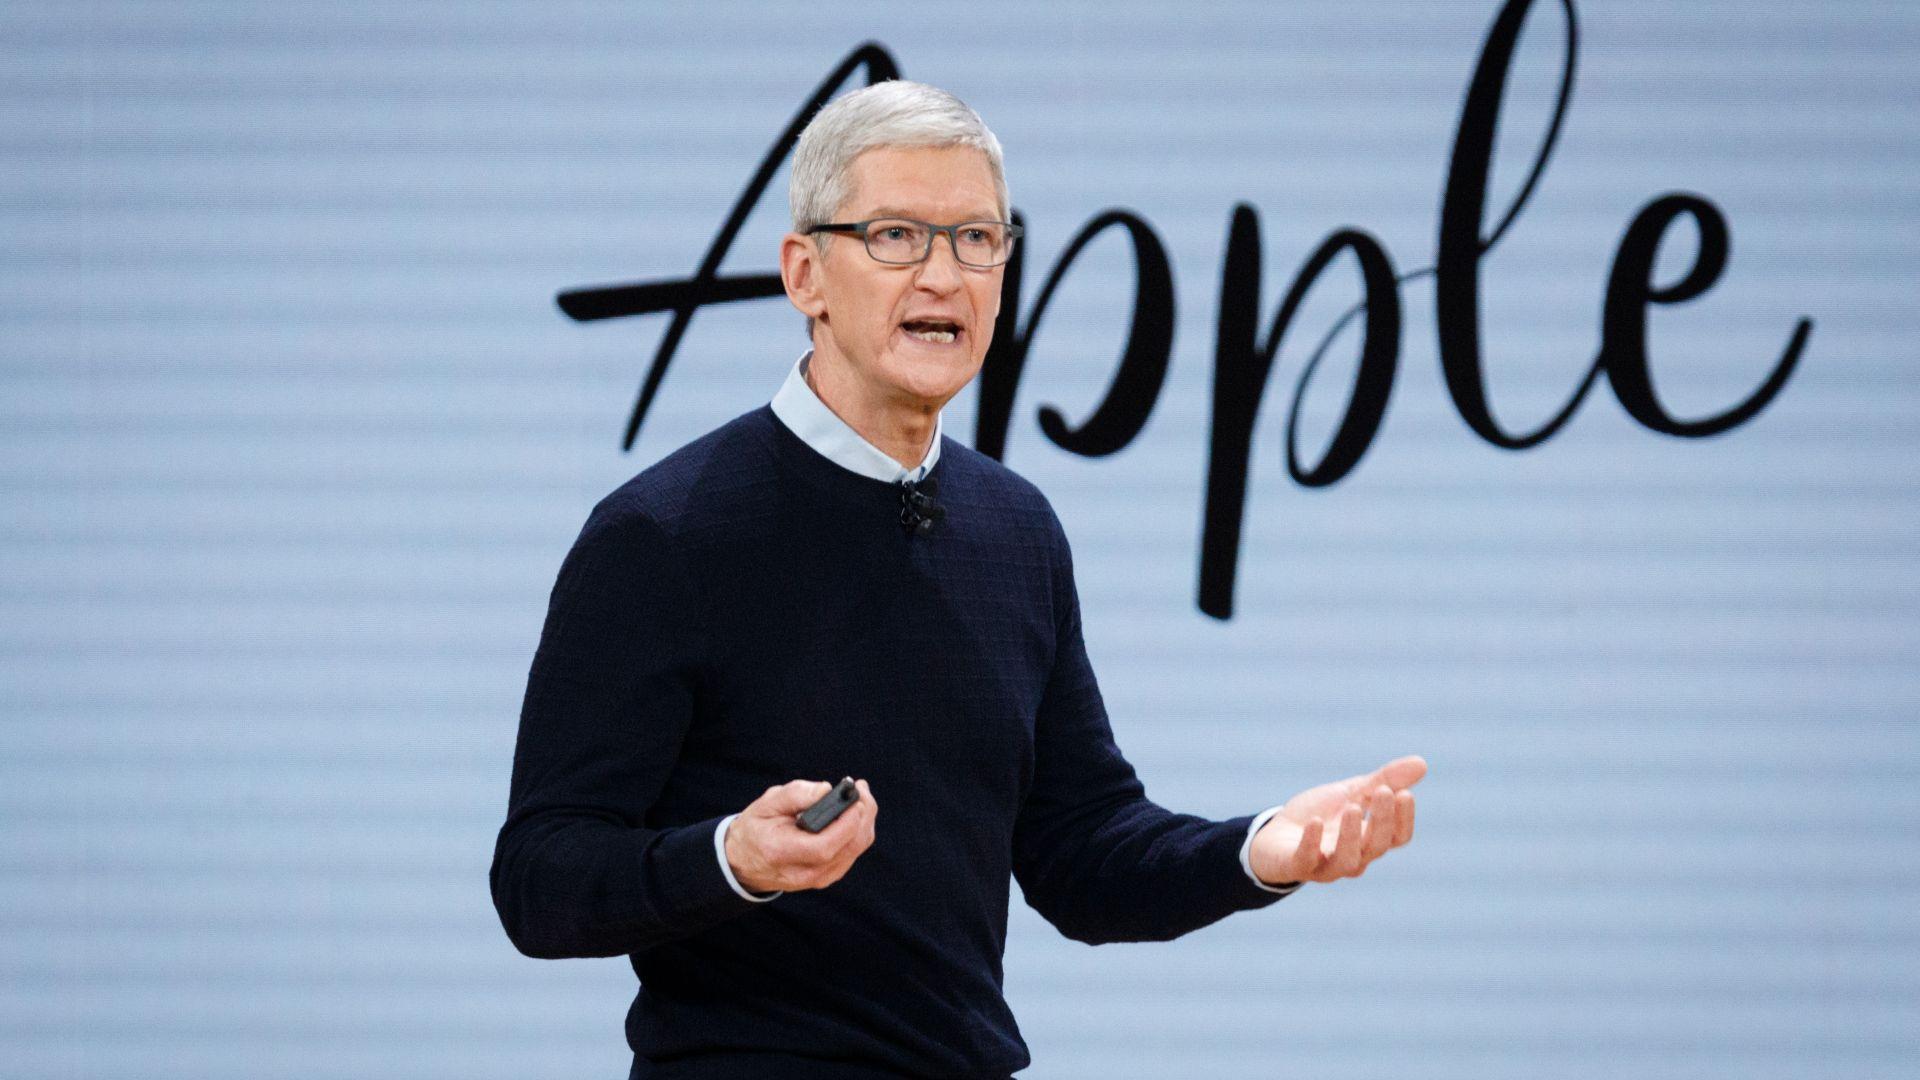 Шефът на Apple: Личните данни са превърнати в оръжие